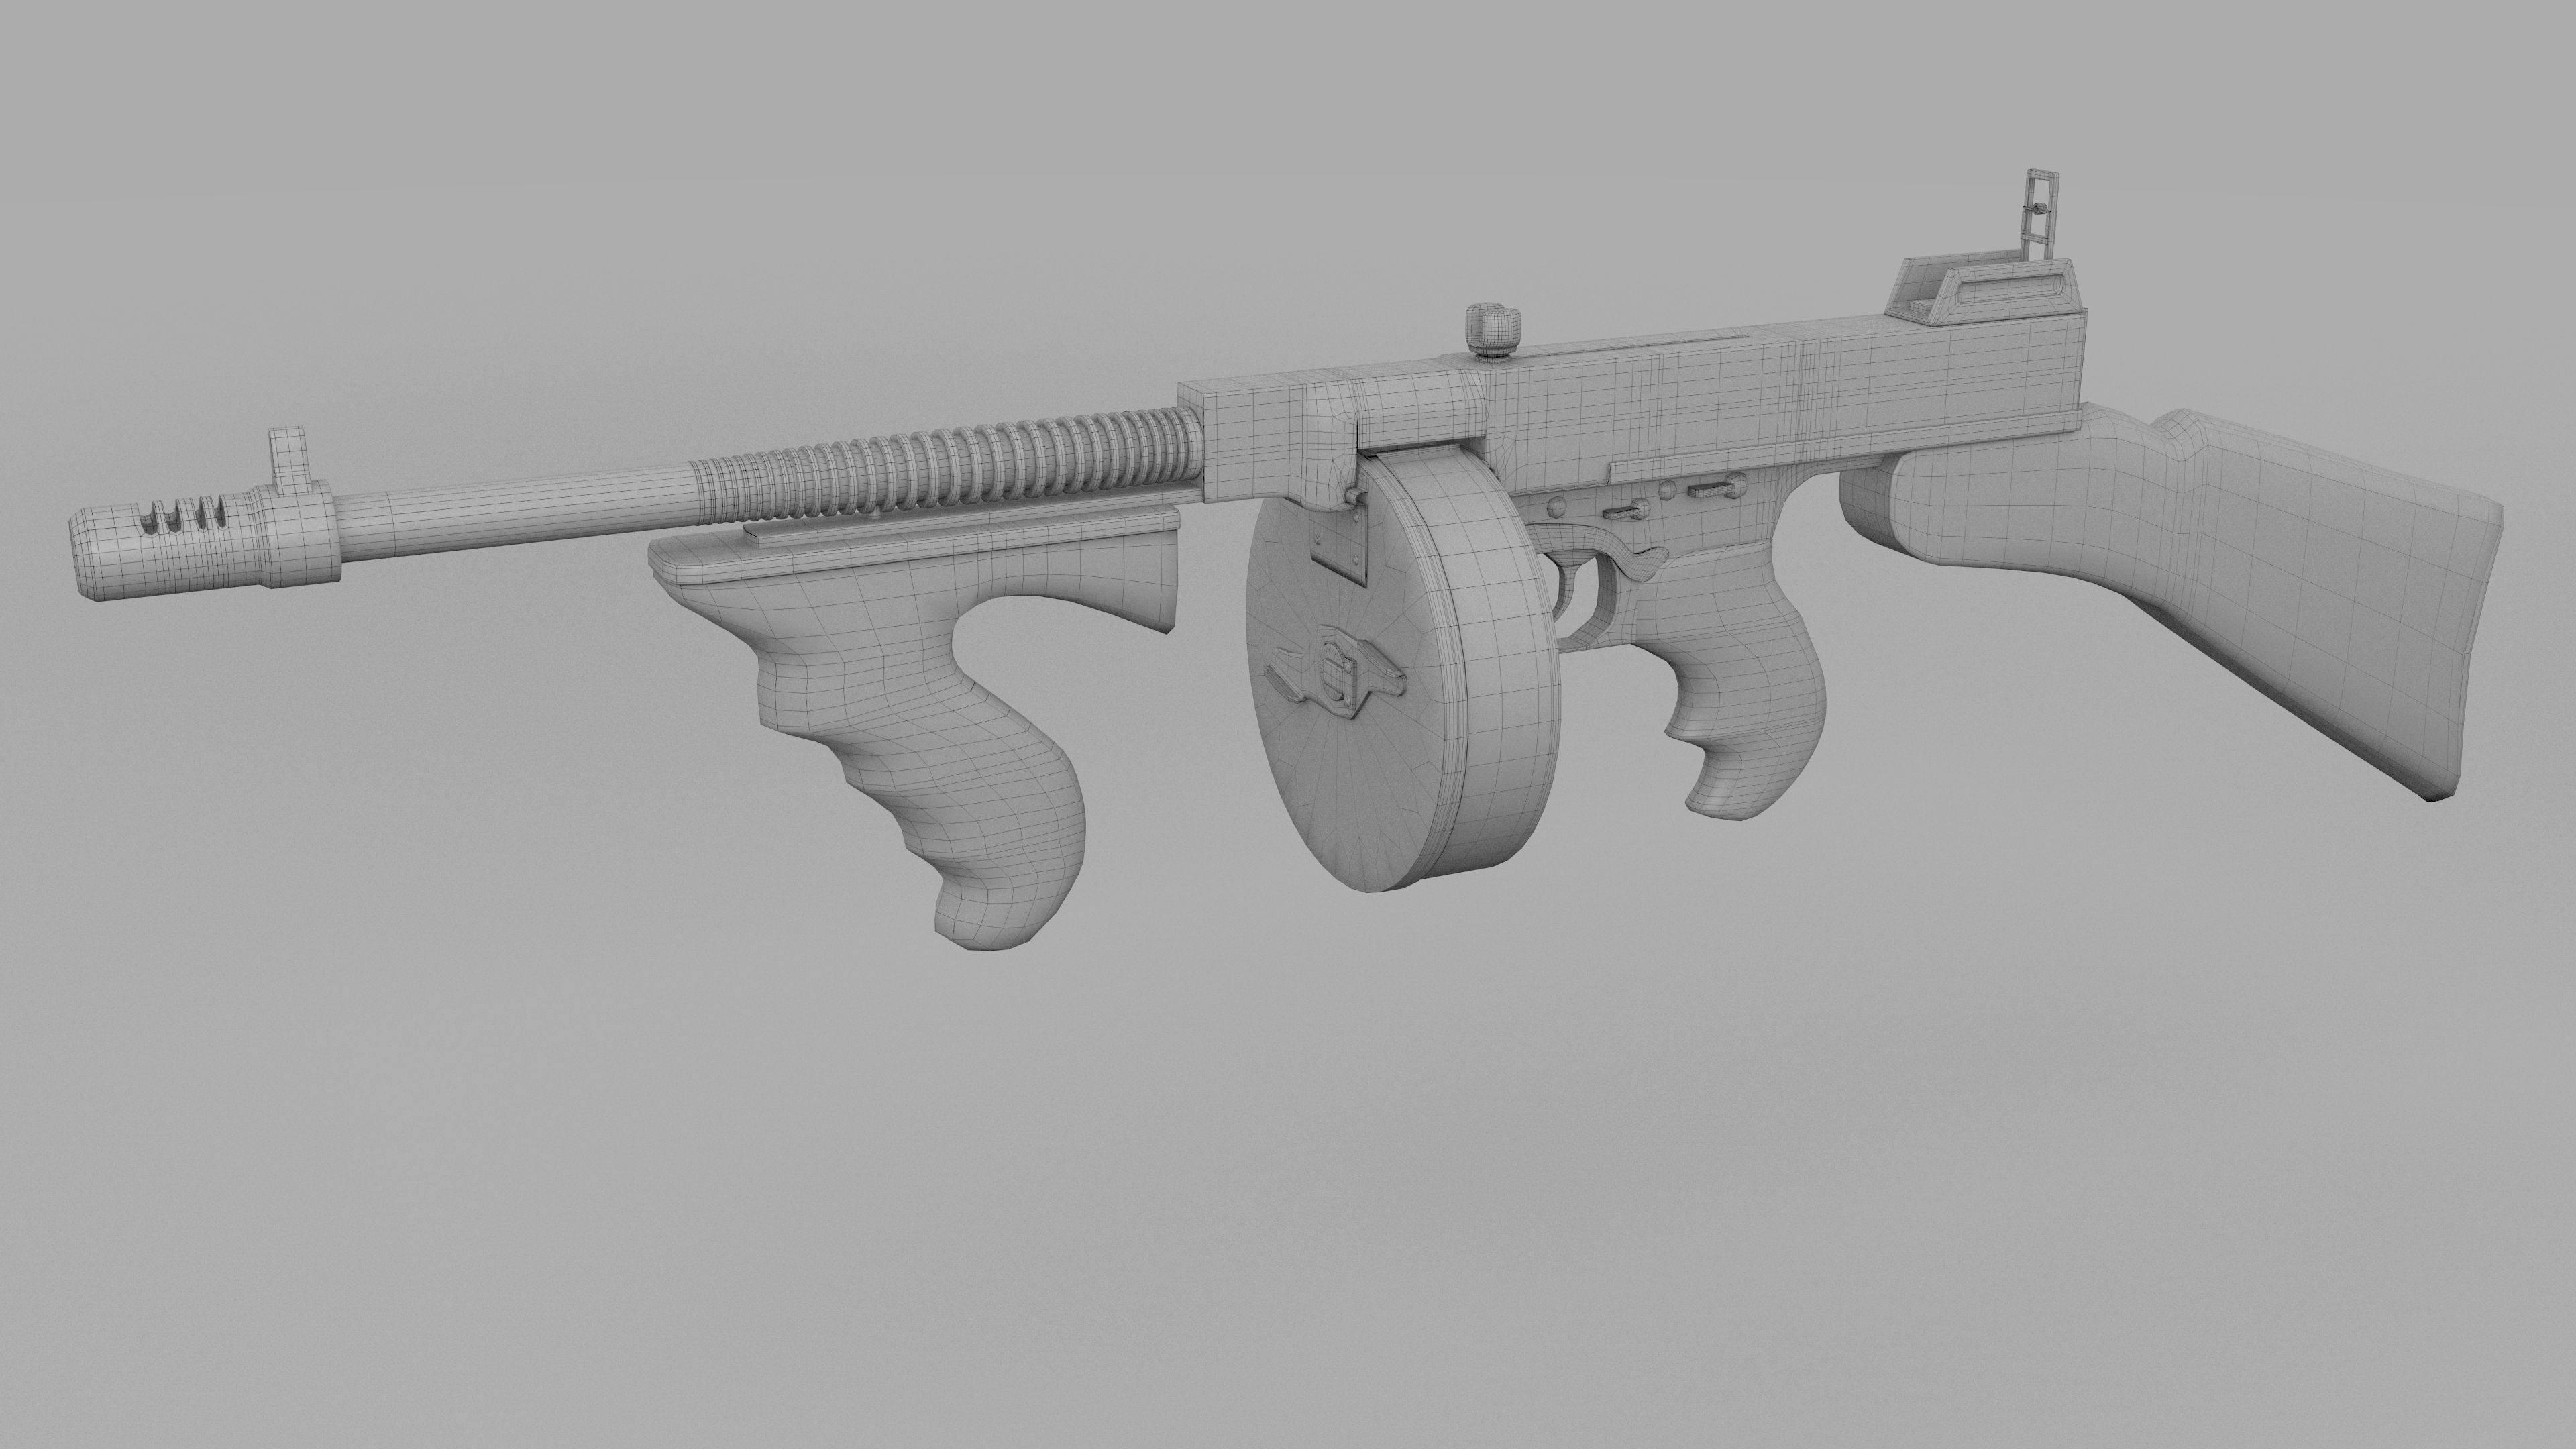 Пистолет-пулемёт томпсона (сша) | армии и солдаты. военная энциклопедия